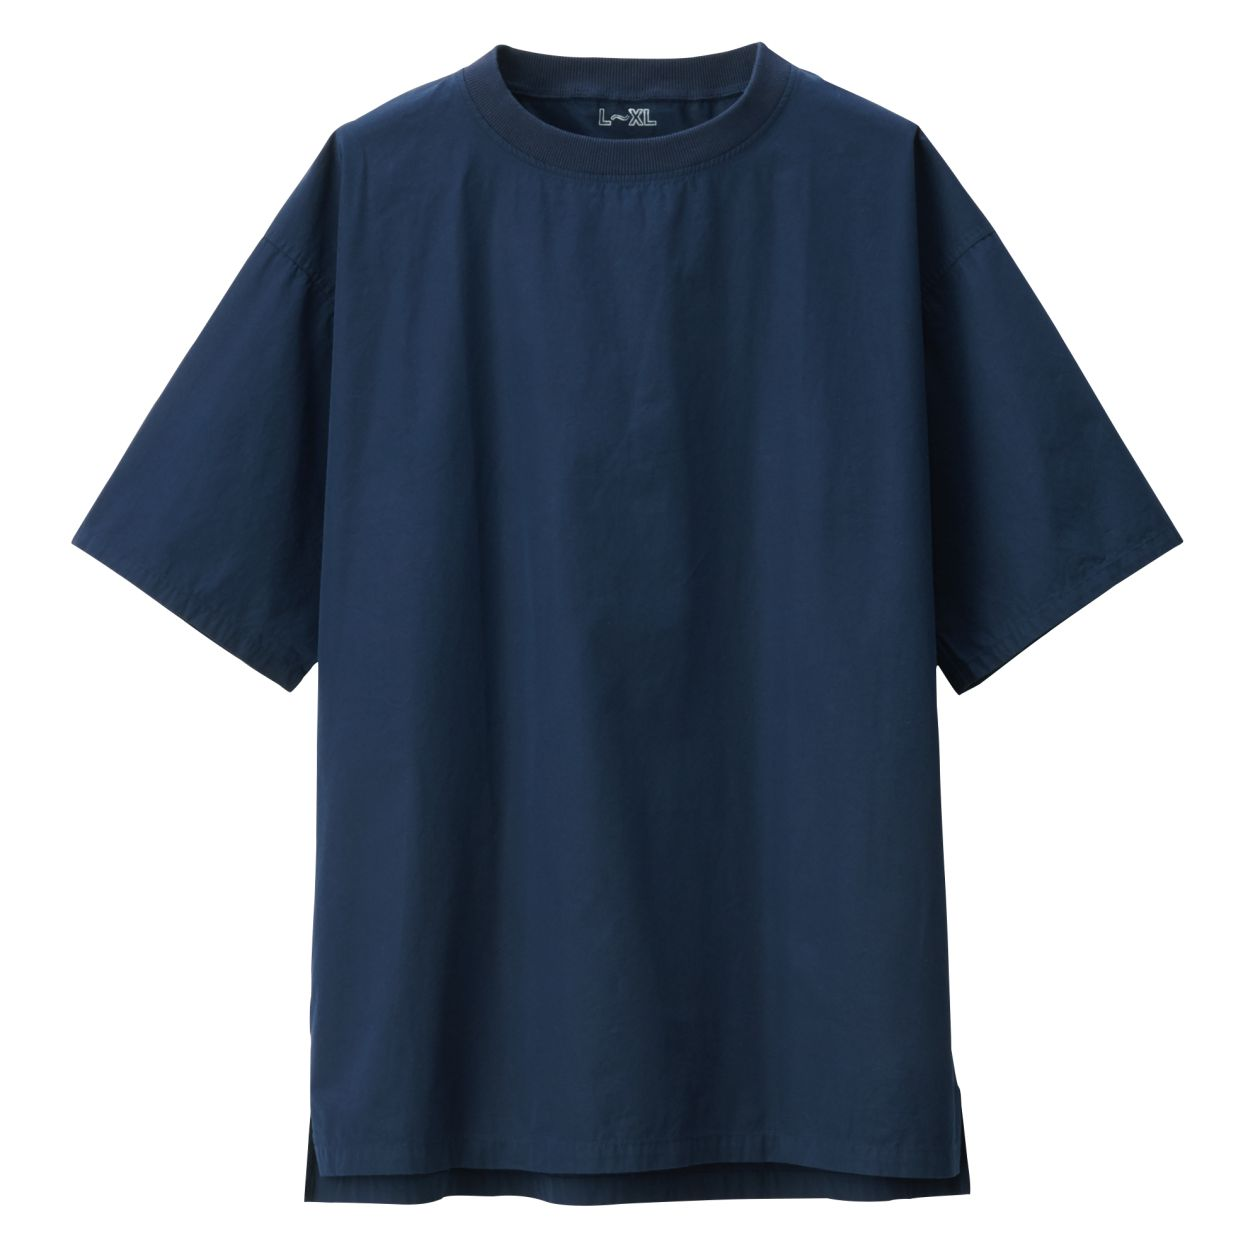 綿ブロードクルーネック半袖ロングTシャツ